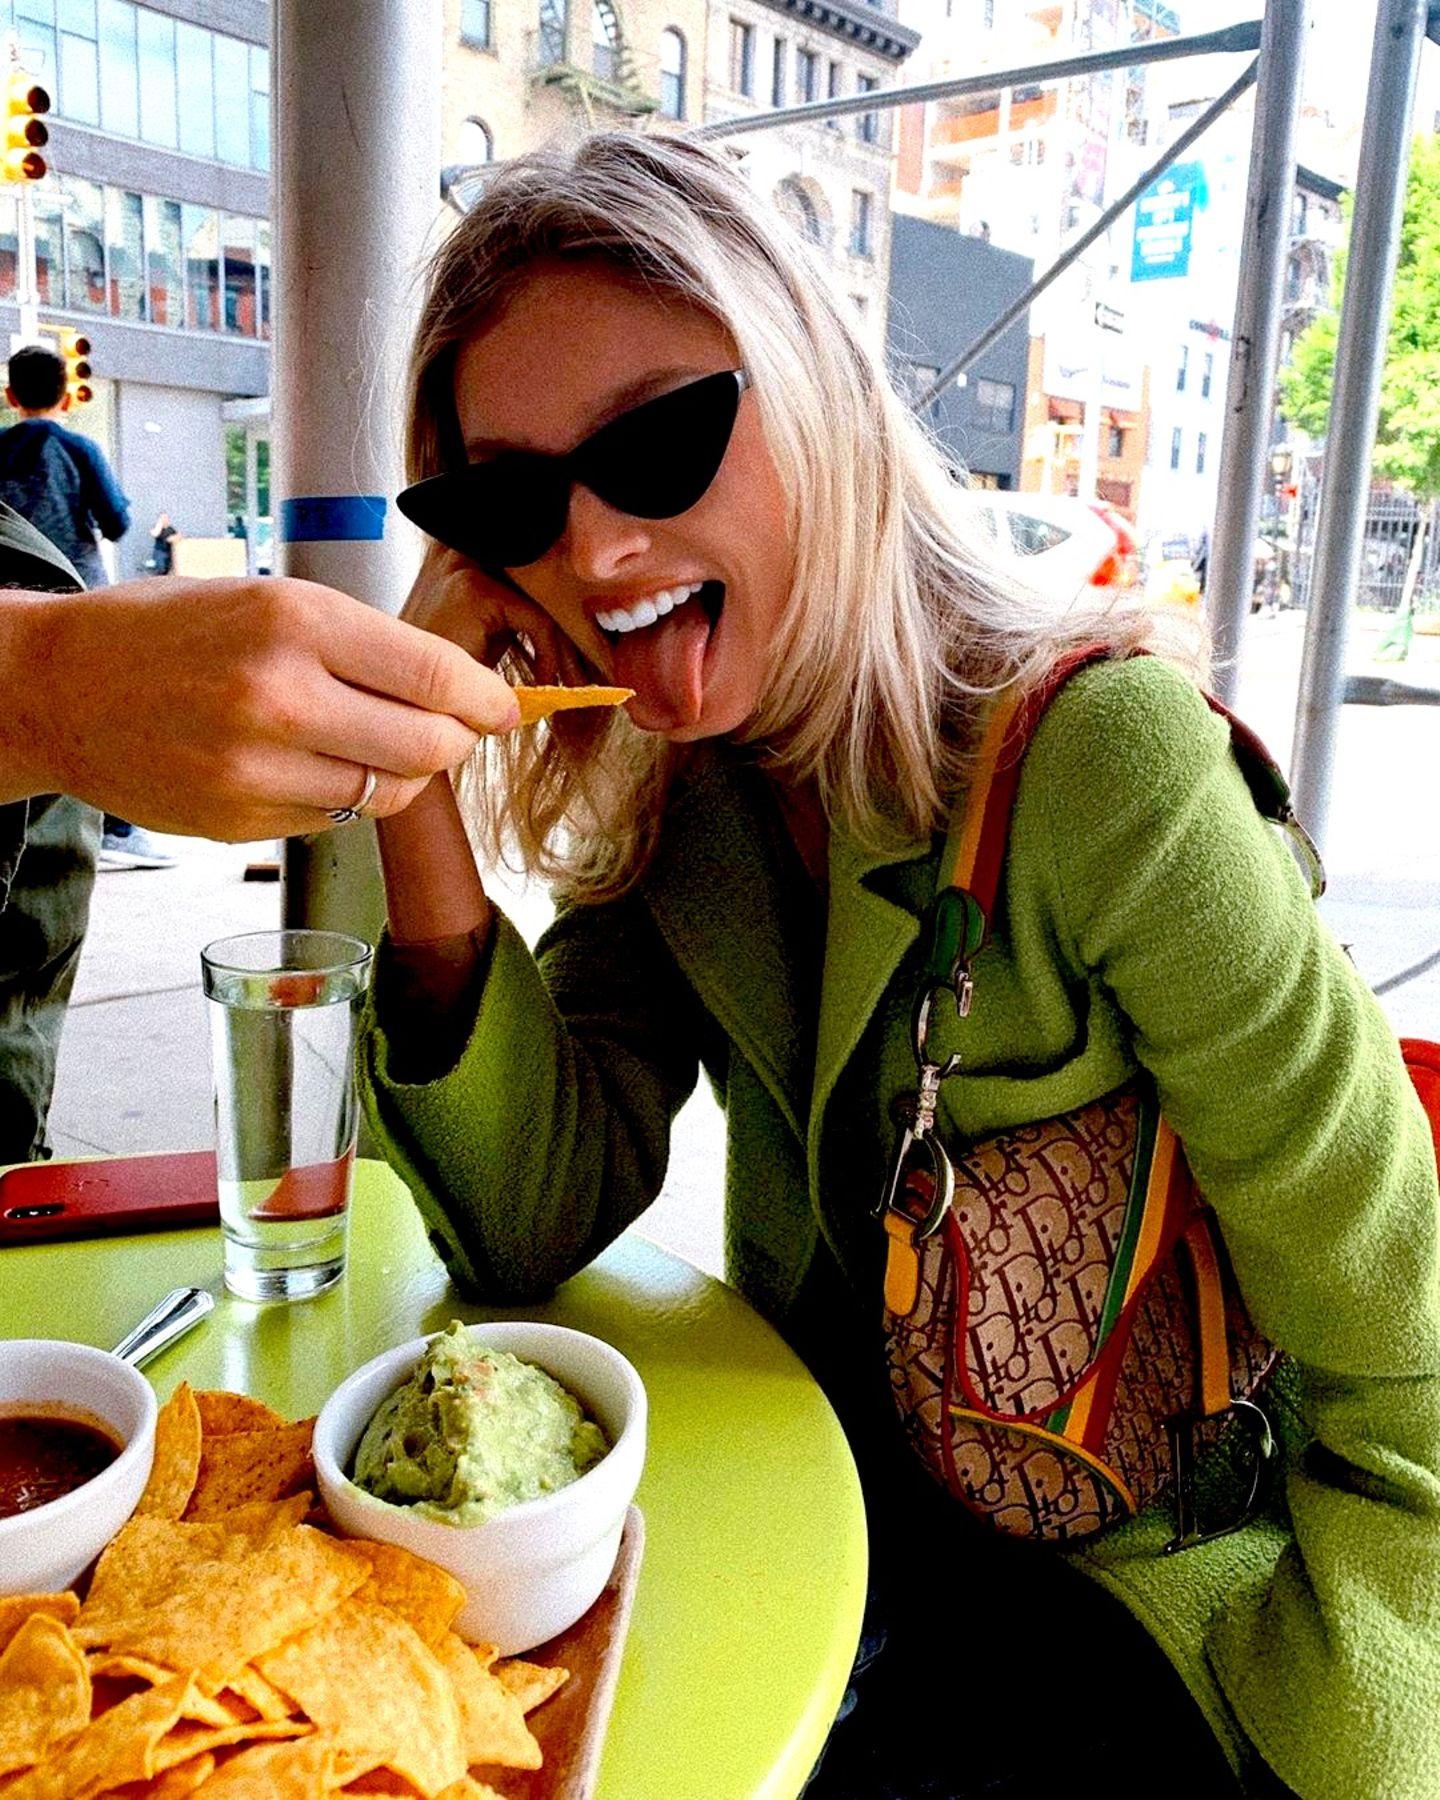 Farblich passend zur Guacamole vor ihr auf dem Tisch trägt Elsa Hosk ein grünes Jackett, als sie sich knusprige Tacos gönnt. Auf einem Tablett serviert, findet sich außerdem noch ein feuriger Salsa-Dip neben der grünen Variante. Das Beste: Die 30-Jährige muss sich nicht einmal die Finger schmutzig machen, sondern wird von ihrer Begleitung gefüttert – wie lieb!